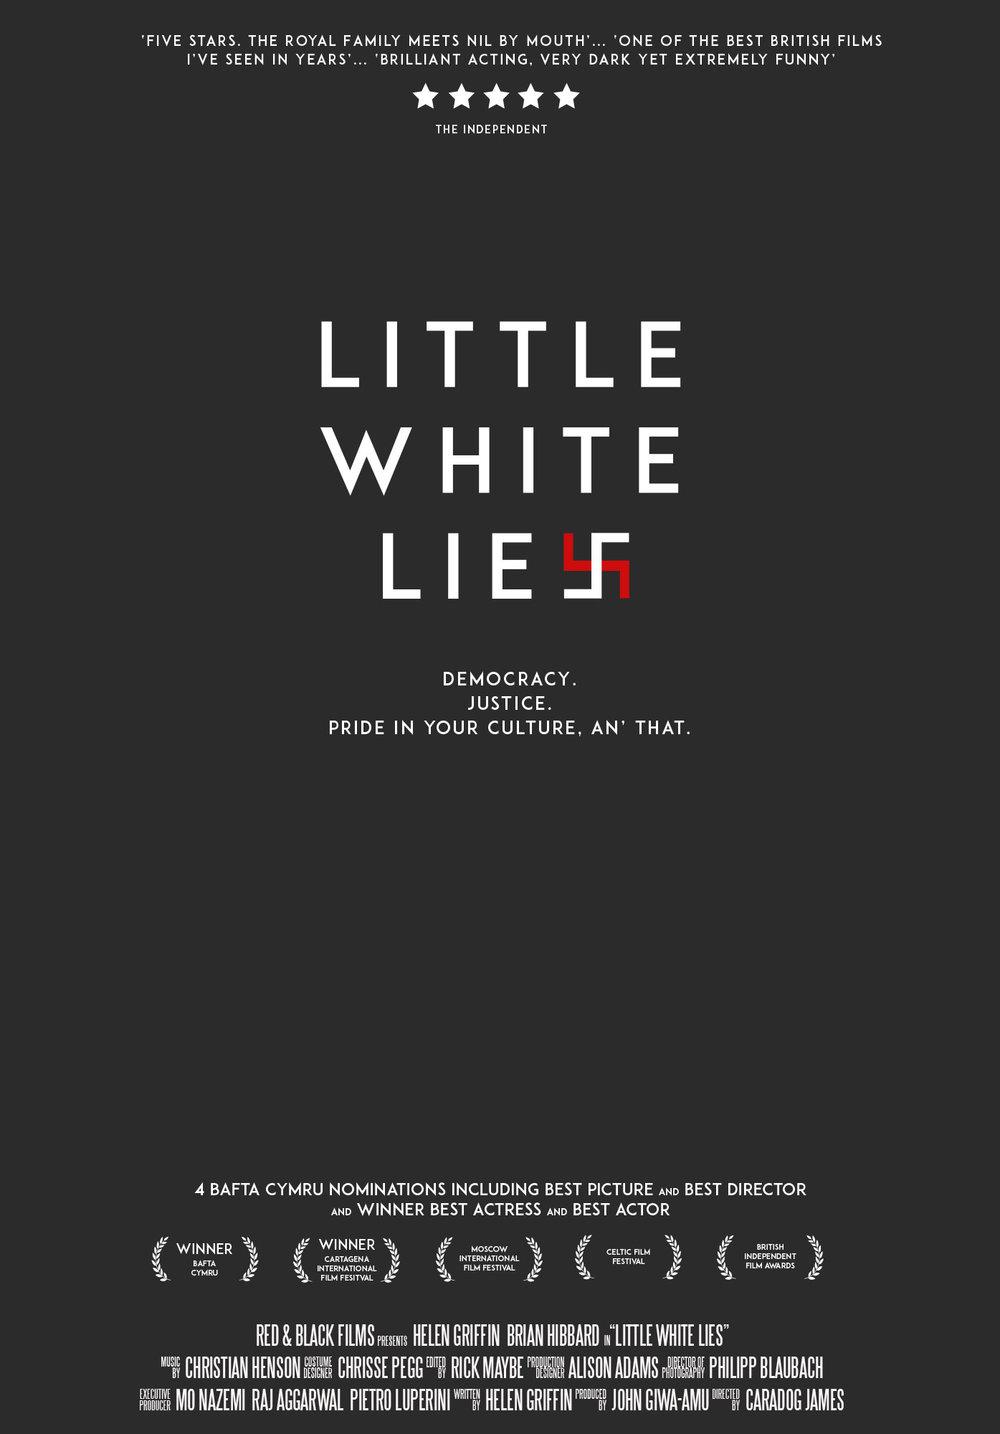 Little-White-Lies-NFT-sale